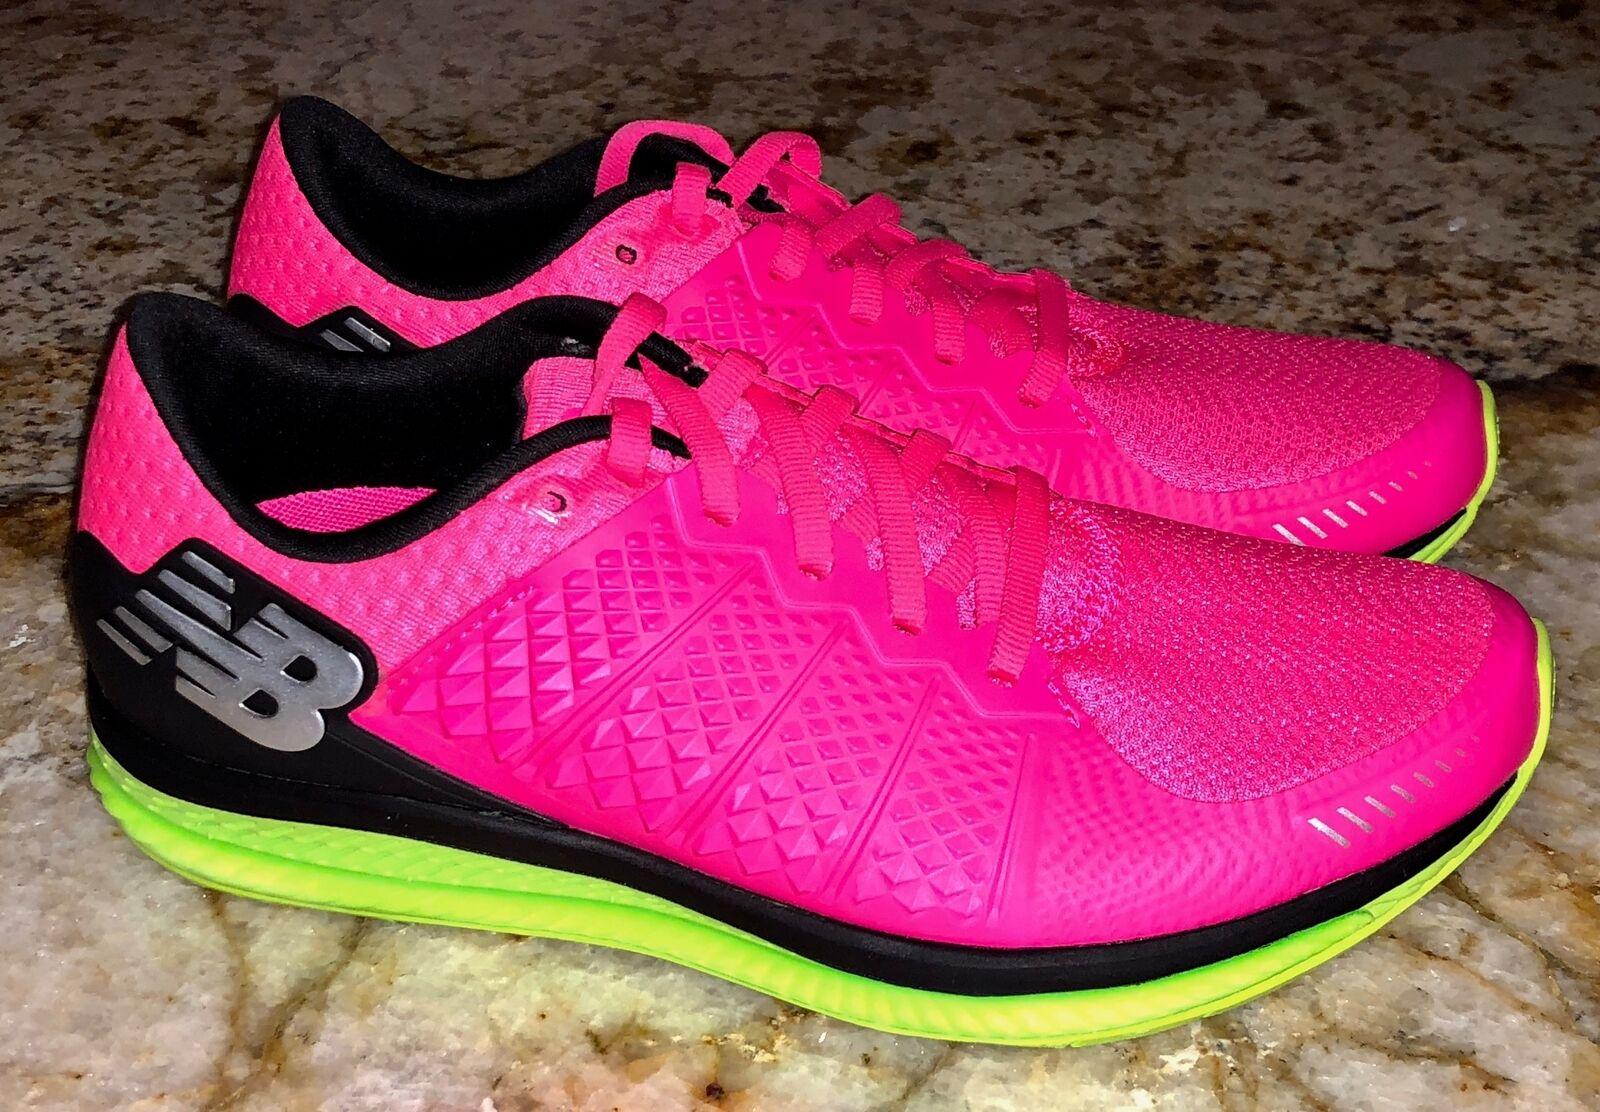 New Balance FuelCELL Alpha Rose Noir Citron Vert chaussures de course pour femme sz 7